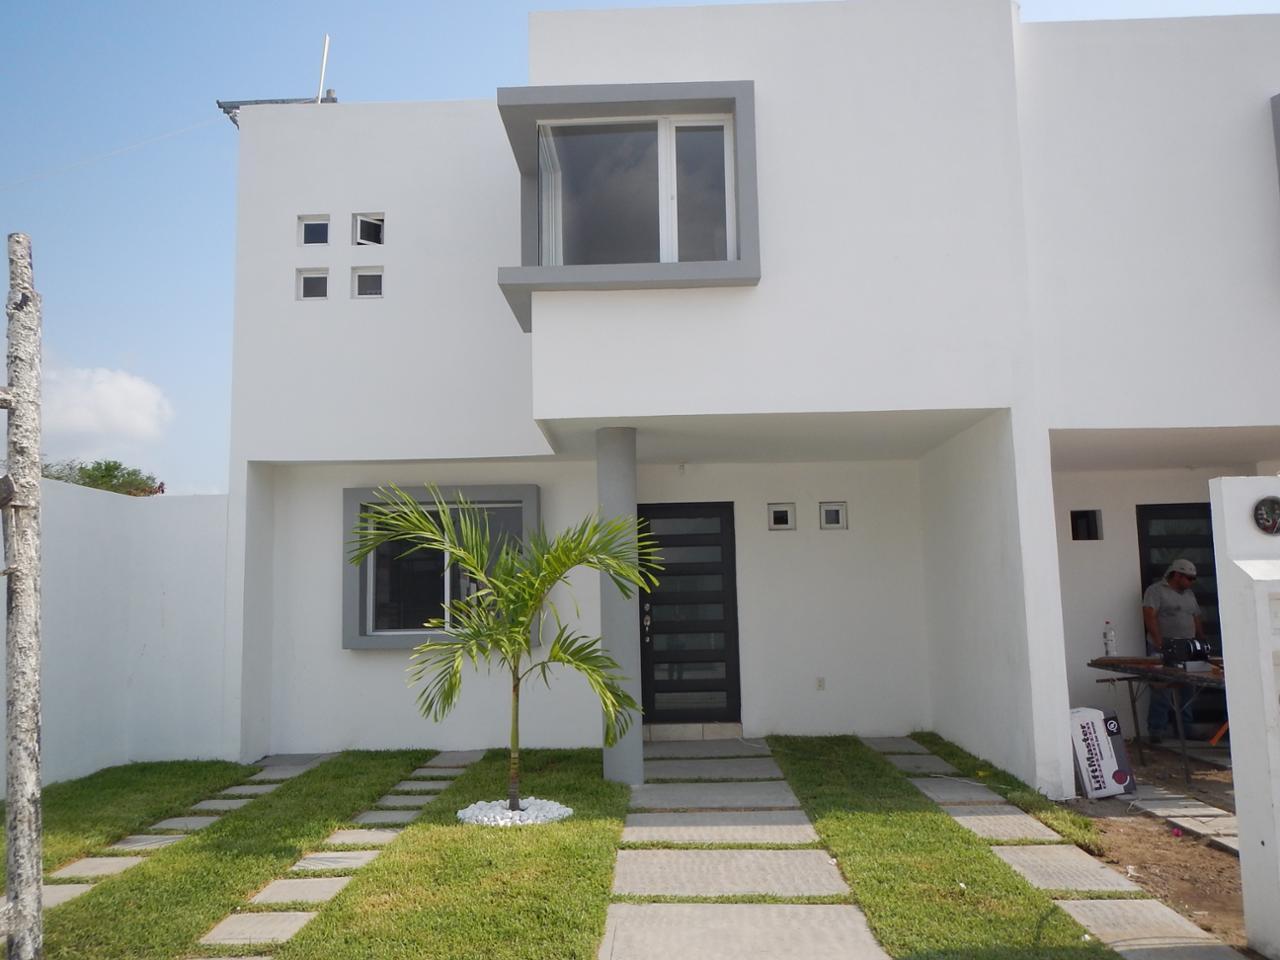 Venta casa en ciudad valles san luis potos 337222 - Casas en el valles occidental ...